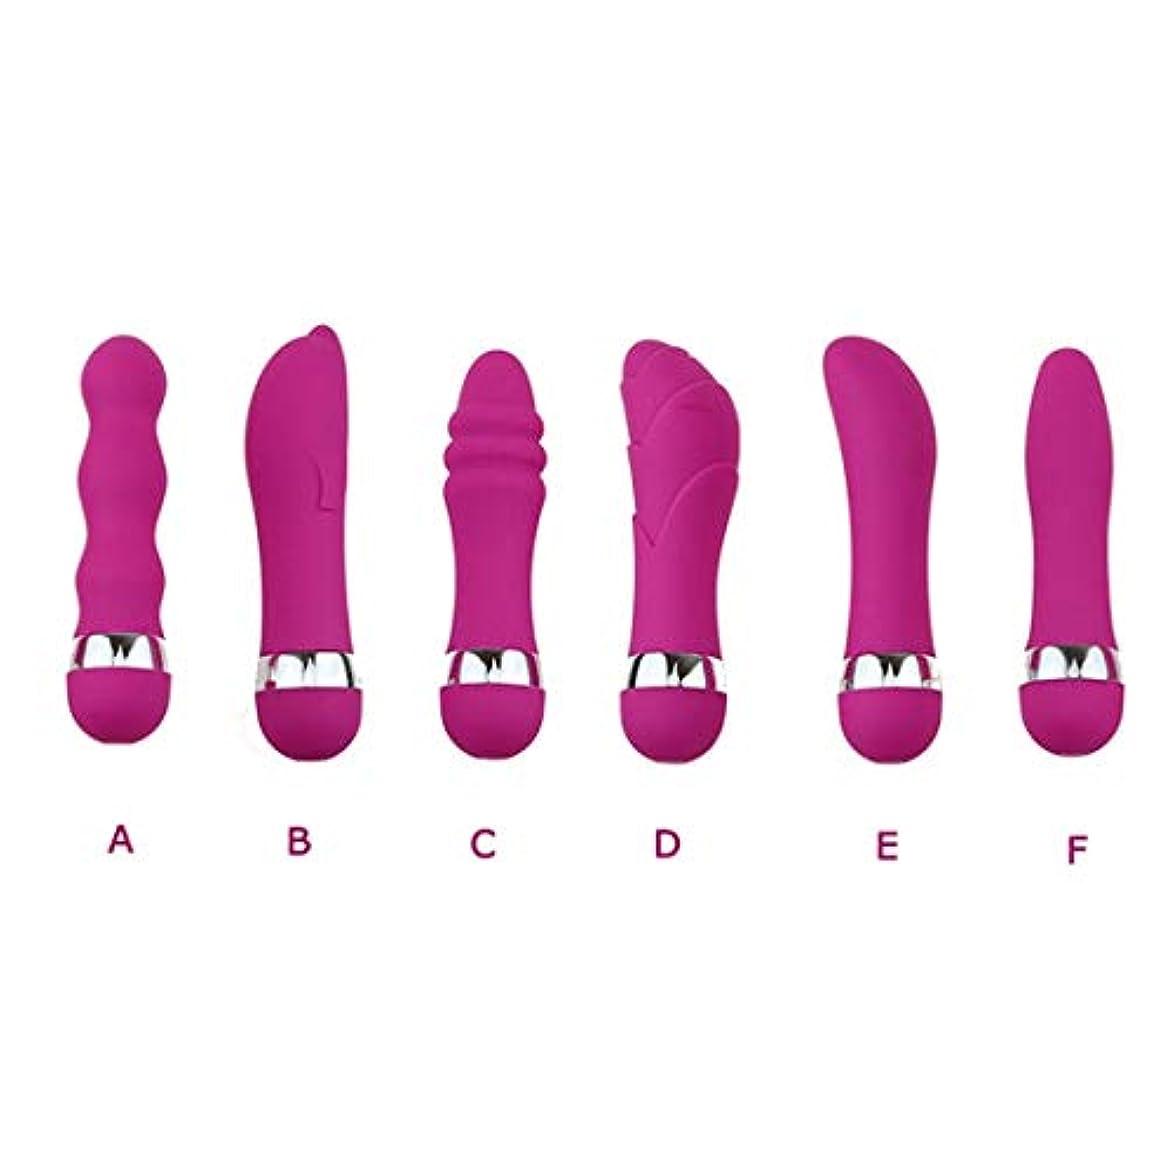 少年サスペンド非互換ZHITMRセクシーなミニ裏庭Gポイント女性バイブレーター大人カップル刺激シリコーンスティック スティック (サイズ : 6-piece set)